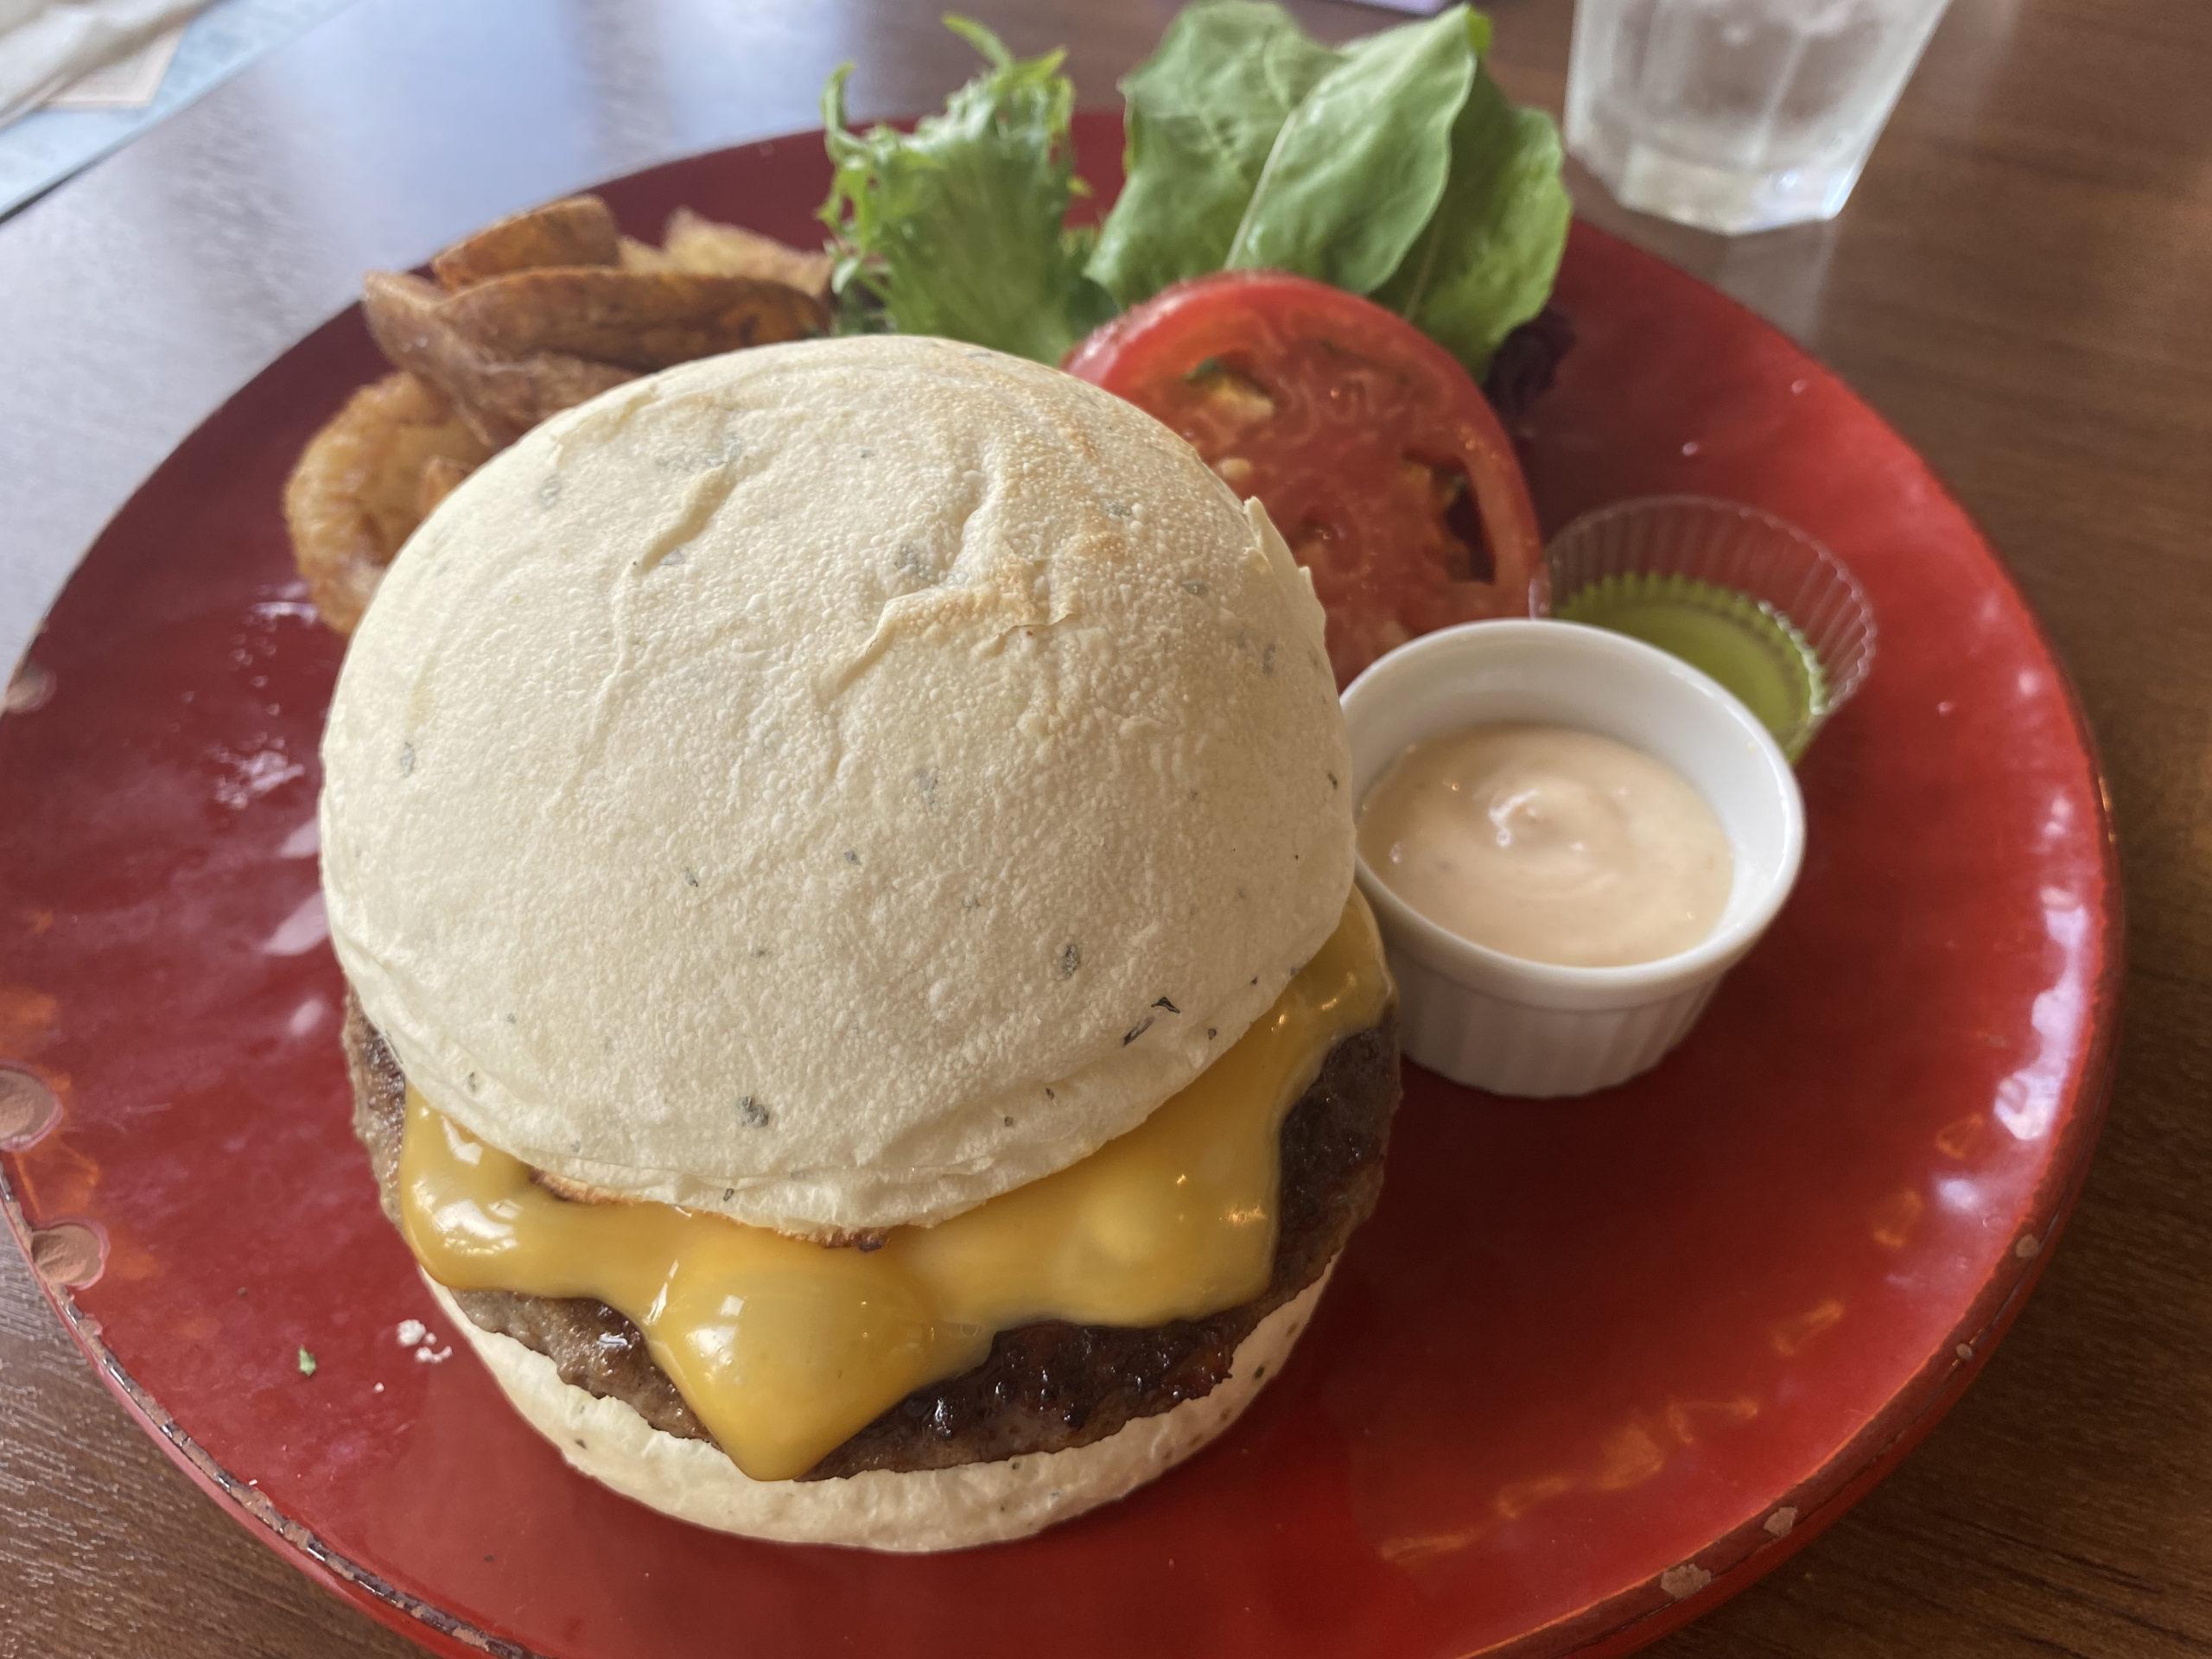 吹上|雑貨店に併設されたおしゃれなカフェでいただく素材にこだわったリッチなハンバーガー